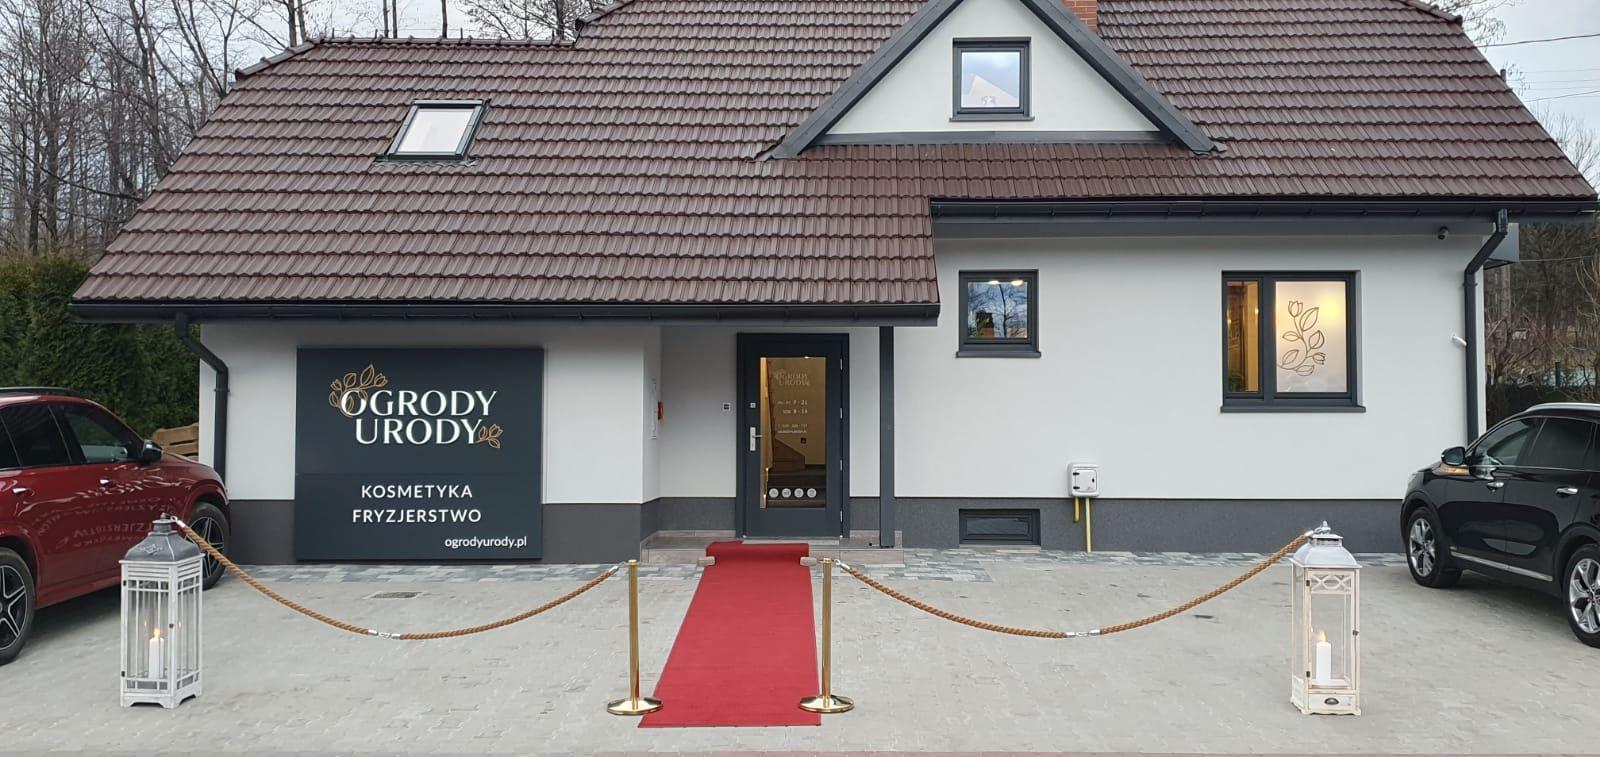 Ogrody Urody w Andrychowie już otwarte [VIDEO]